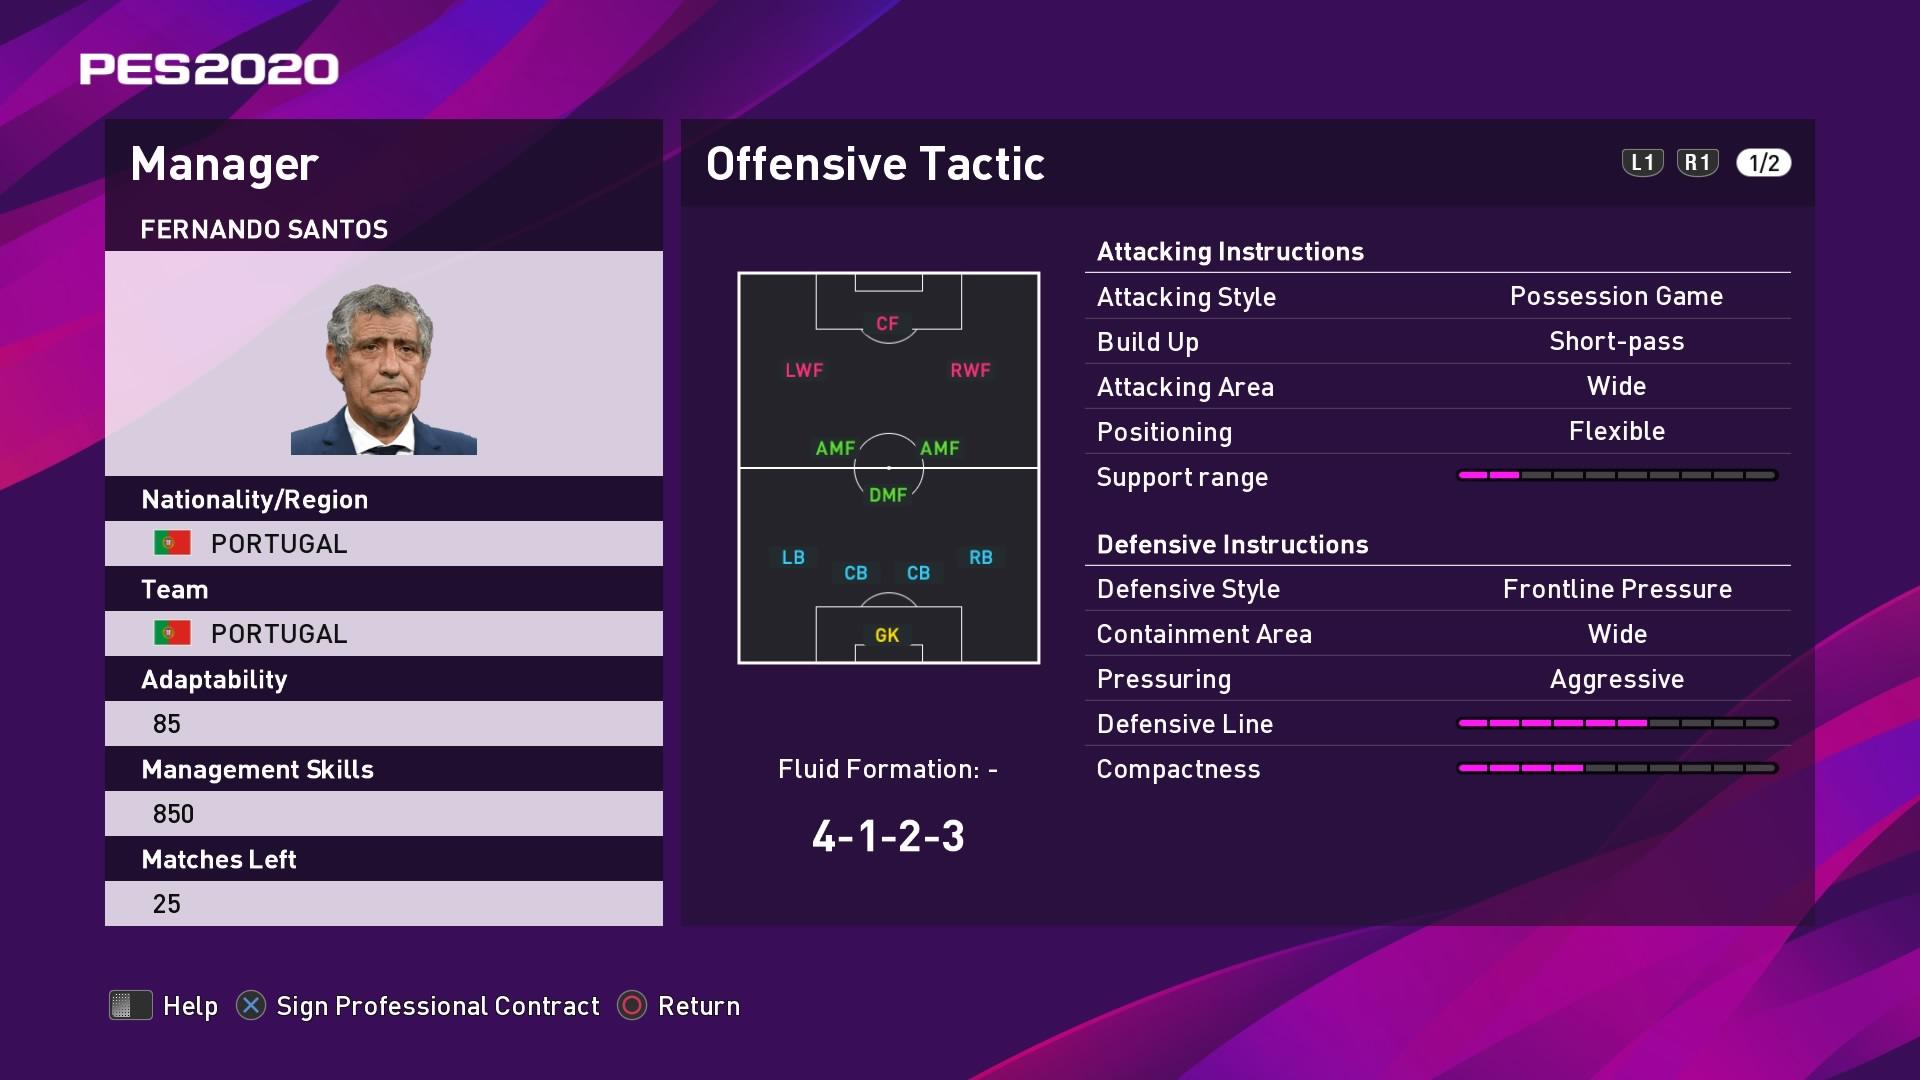 Fernando Santos (3) Offensive Tactic in PES 2020 myClub